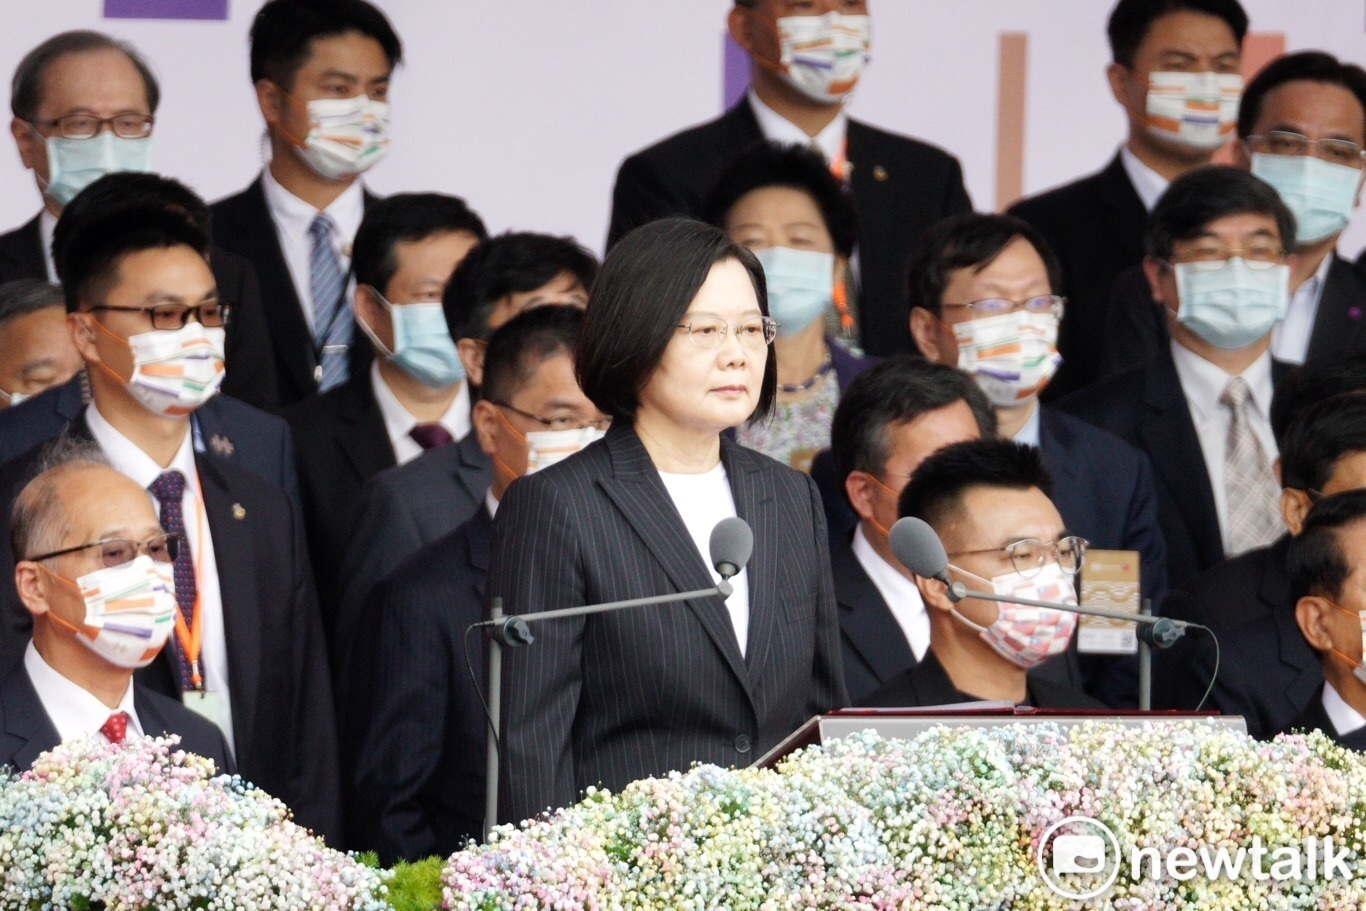 蔡英文國慶演說主題:共識化分歧,團結守台灣 thumbnail